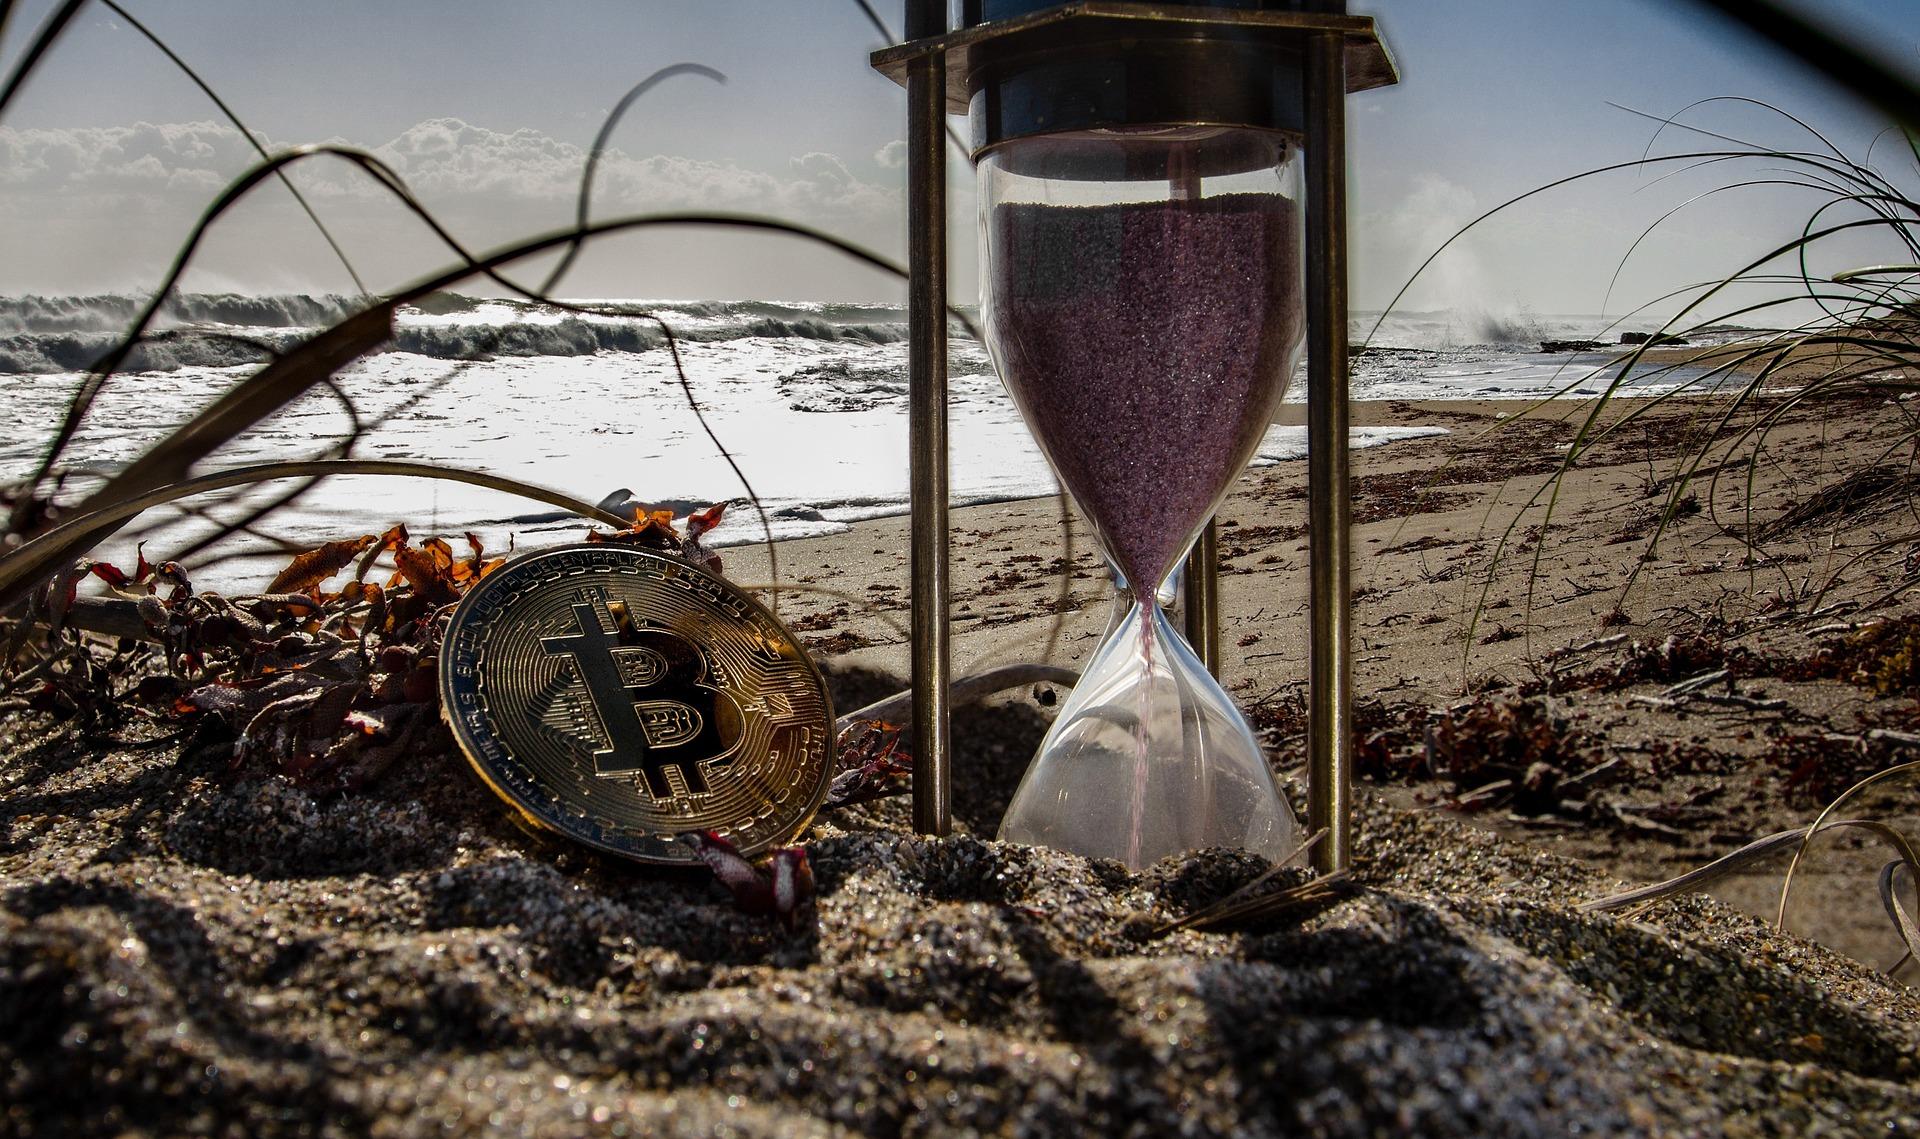 Odpočítává se čas současný kryptoměnám, které by v budoucnosti mohli skončit v propadlišti dějin (Public Domain)